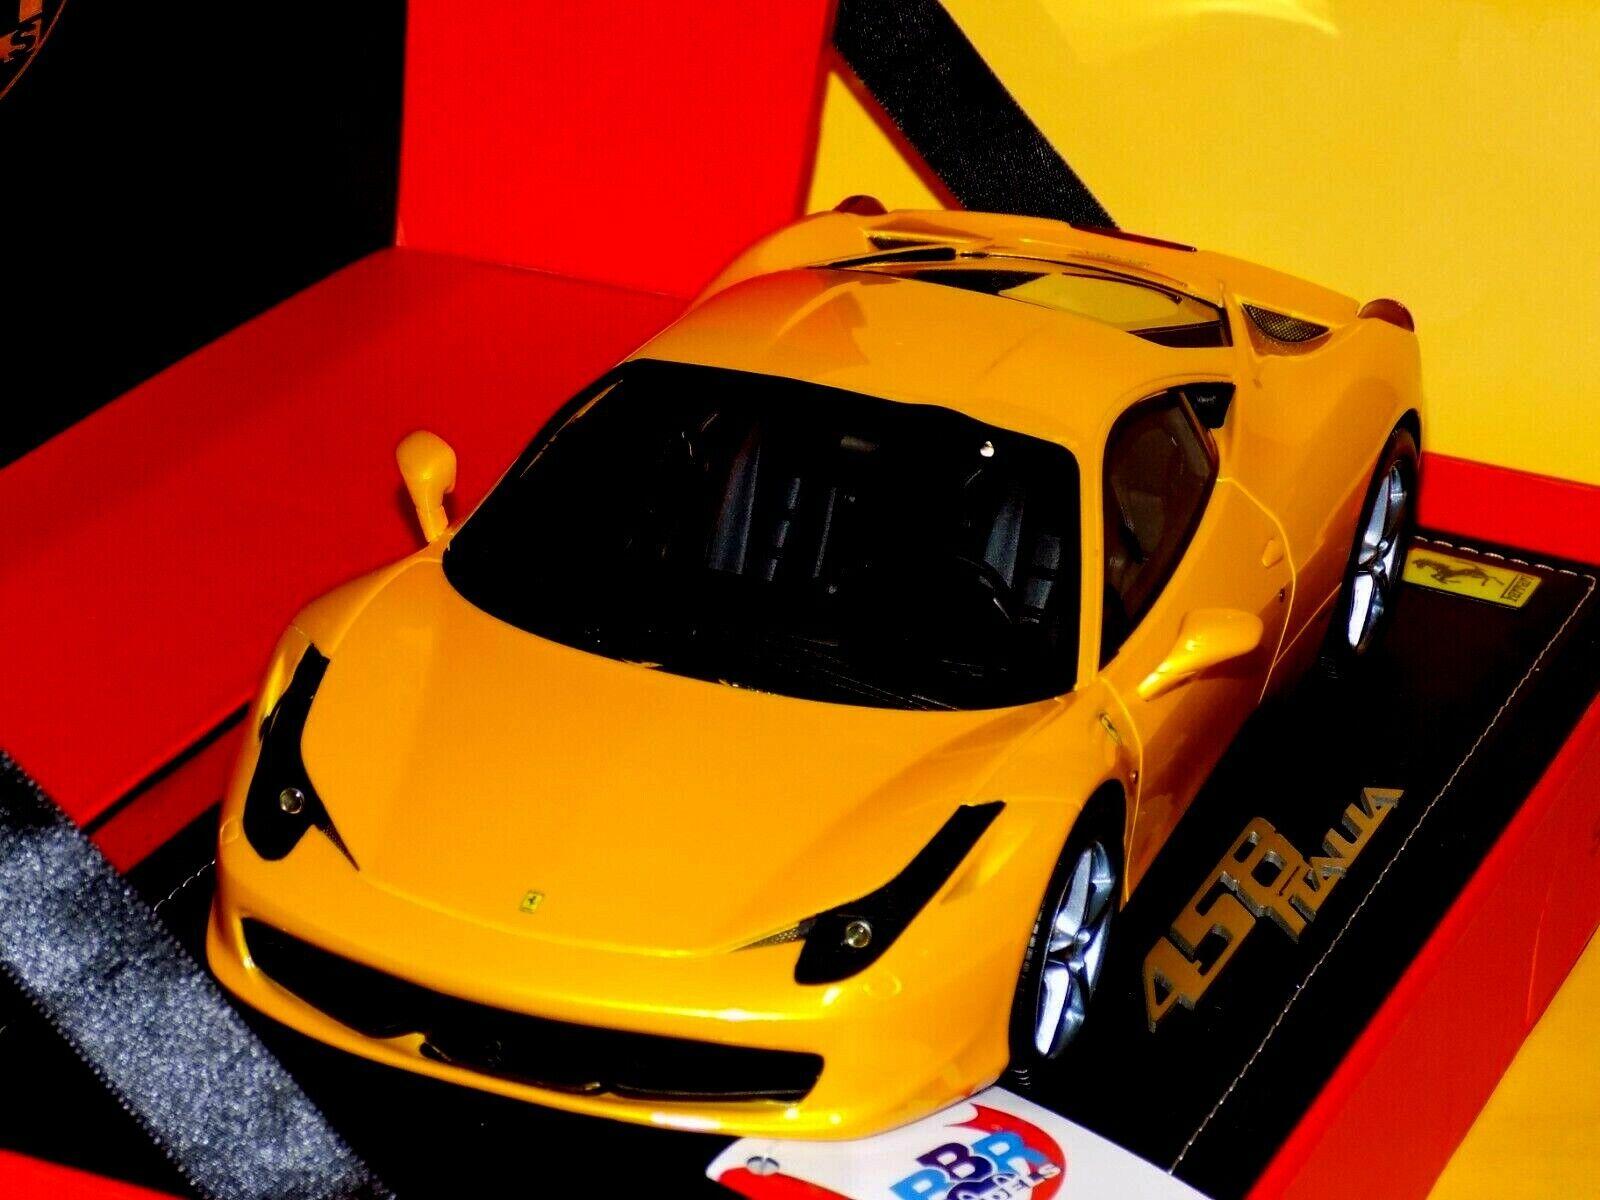 Ferrari 458 Italia 8 C 2009 Limited 70 pieces jaune tristrato BBR 1814-2 1 18